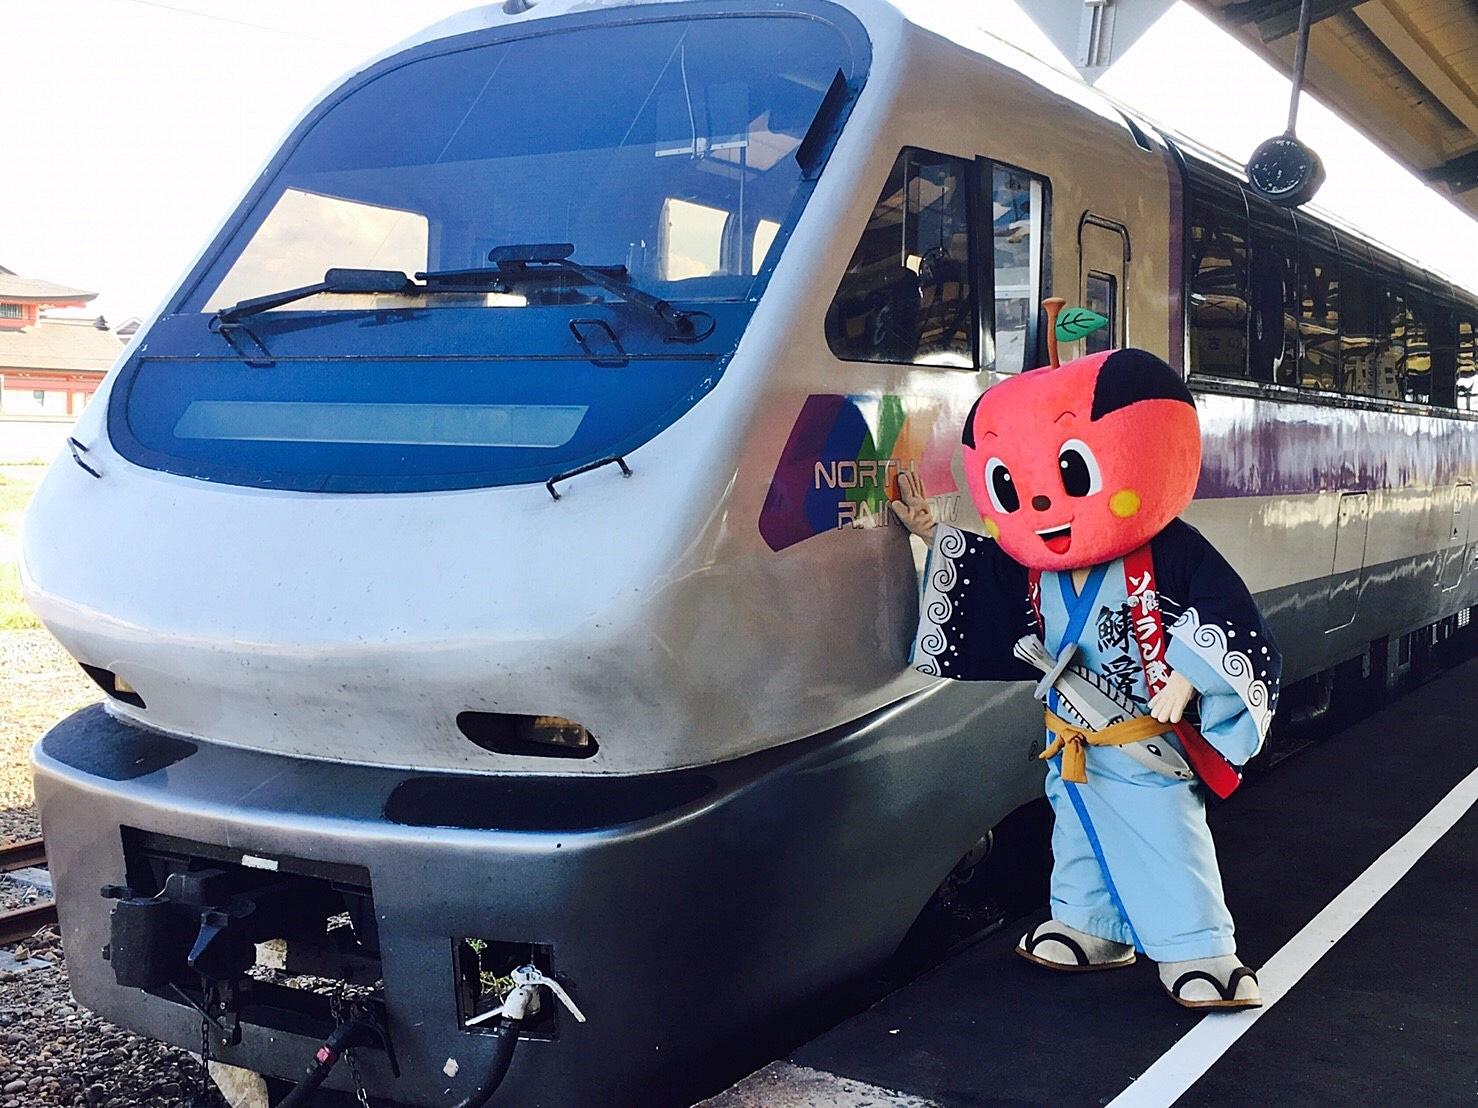 団臨ノースレインボーエクスプレス with ソーラン武士!! 余市駅 181022 (3).JPG